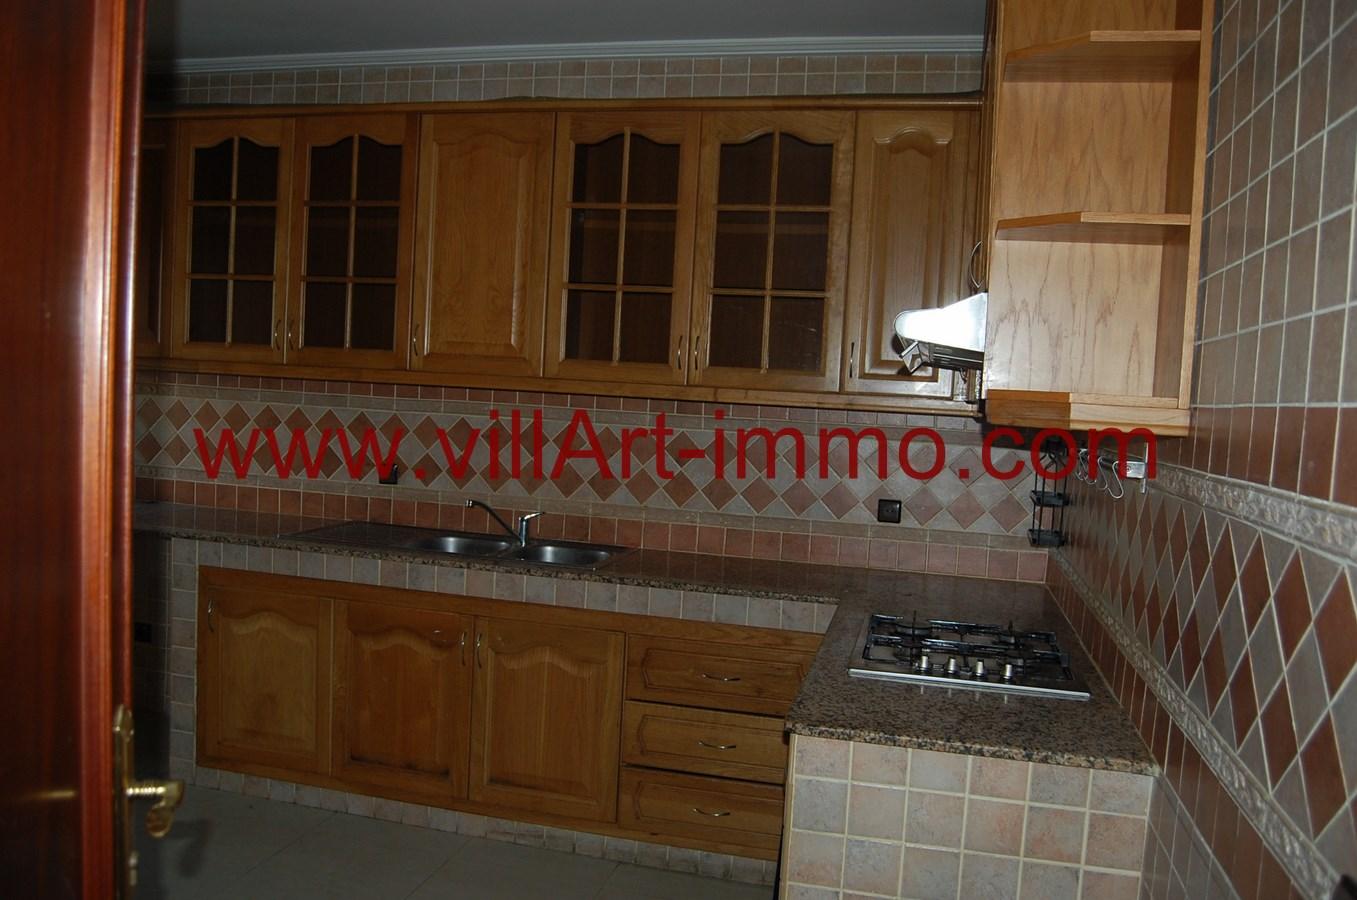 4-a-louer-appartement-non-meuble-tanger-cuisine-l891-villart-immo